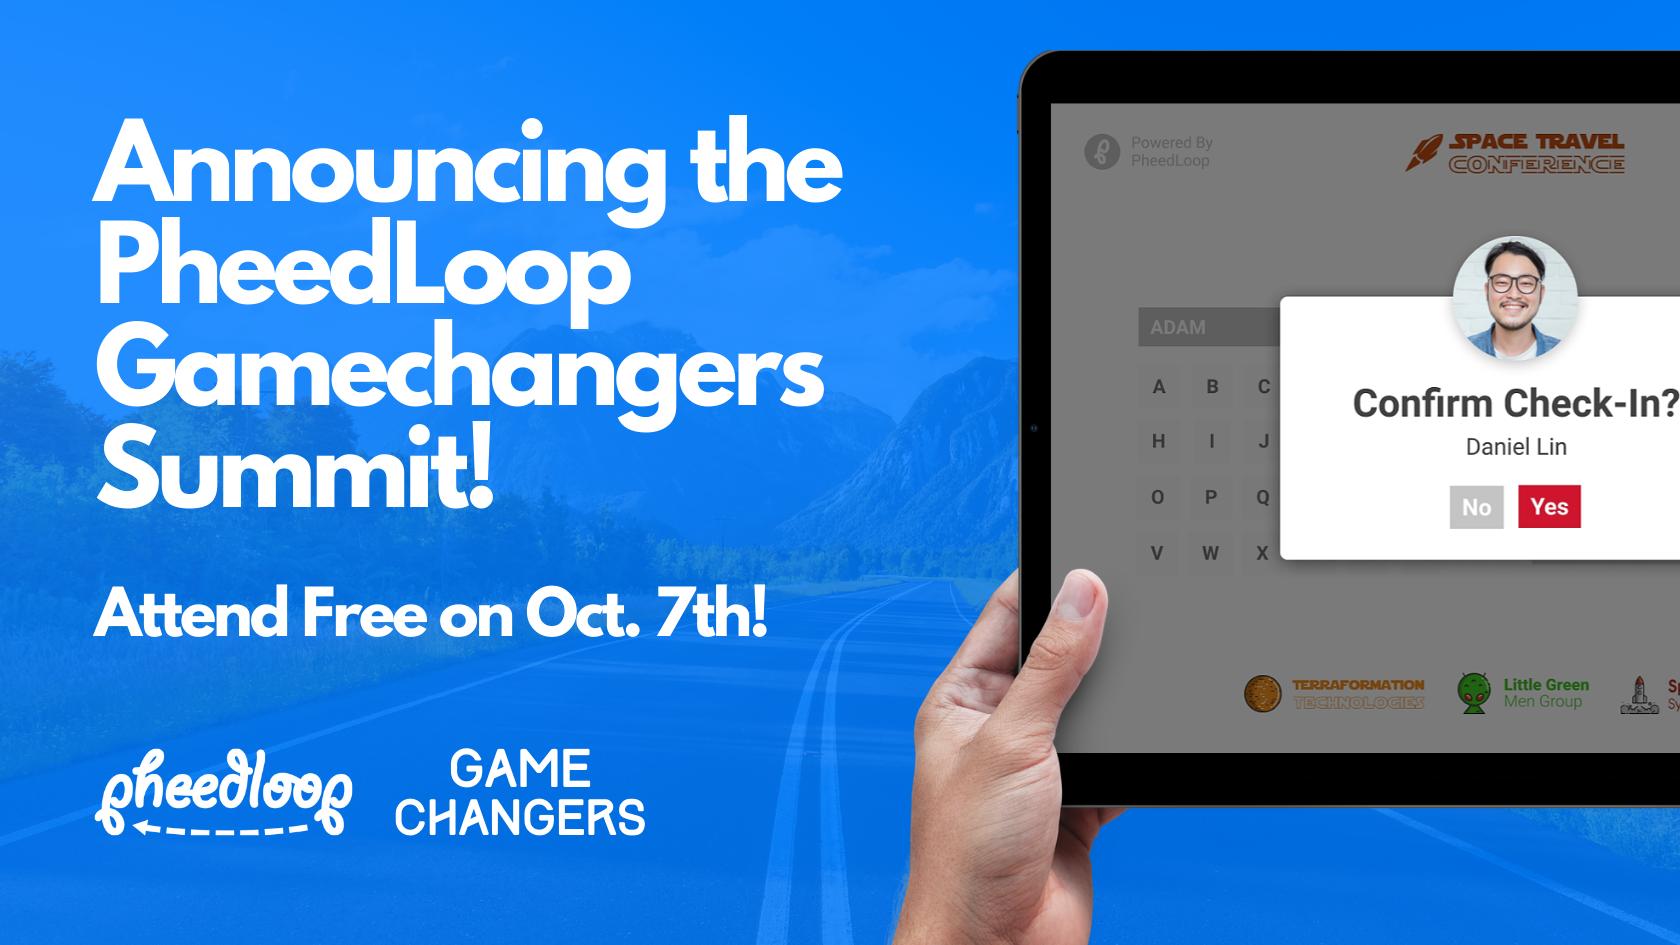 Attend a Free PheedLoop Powered Event - PheedLoop Gamechangers Summit!